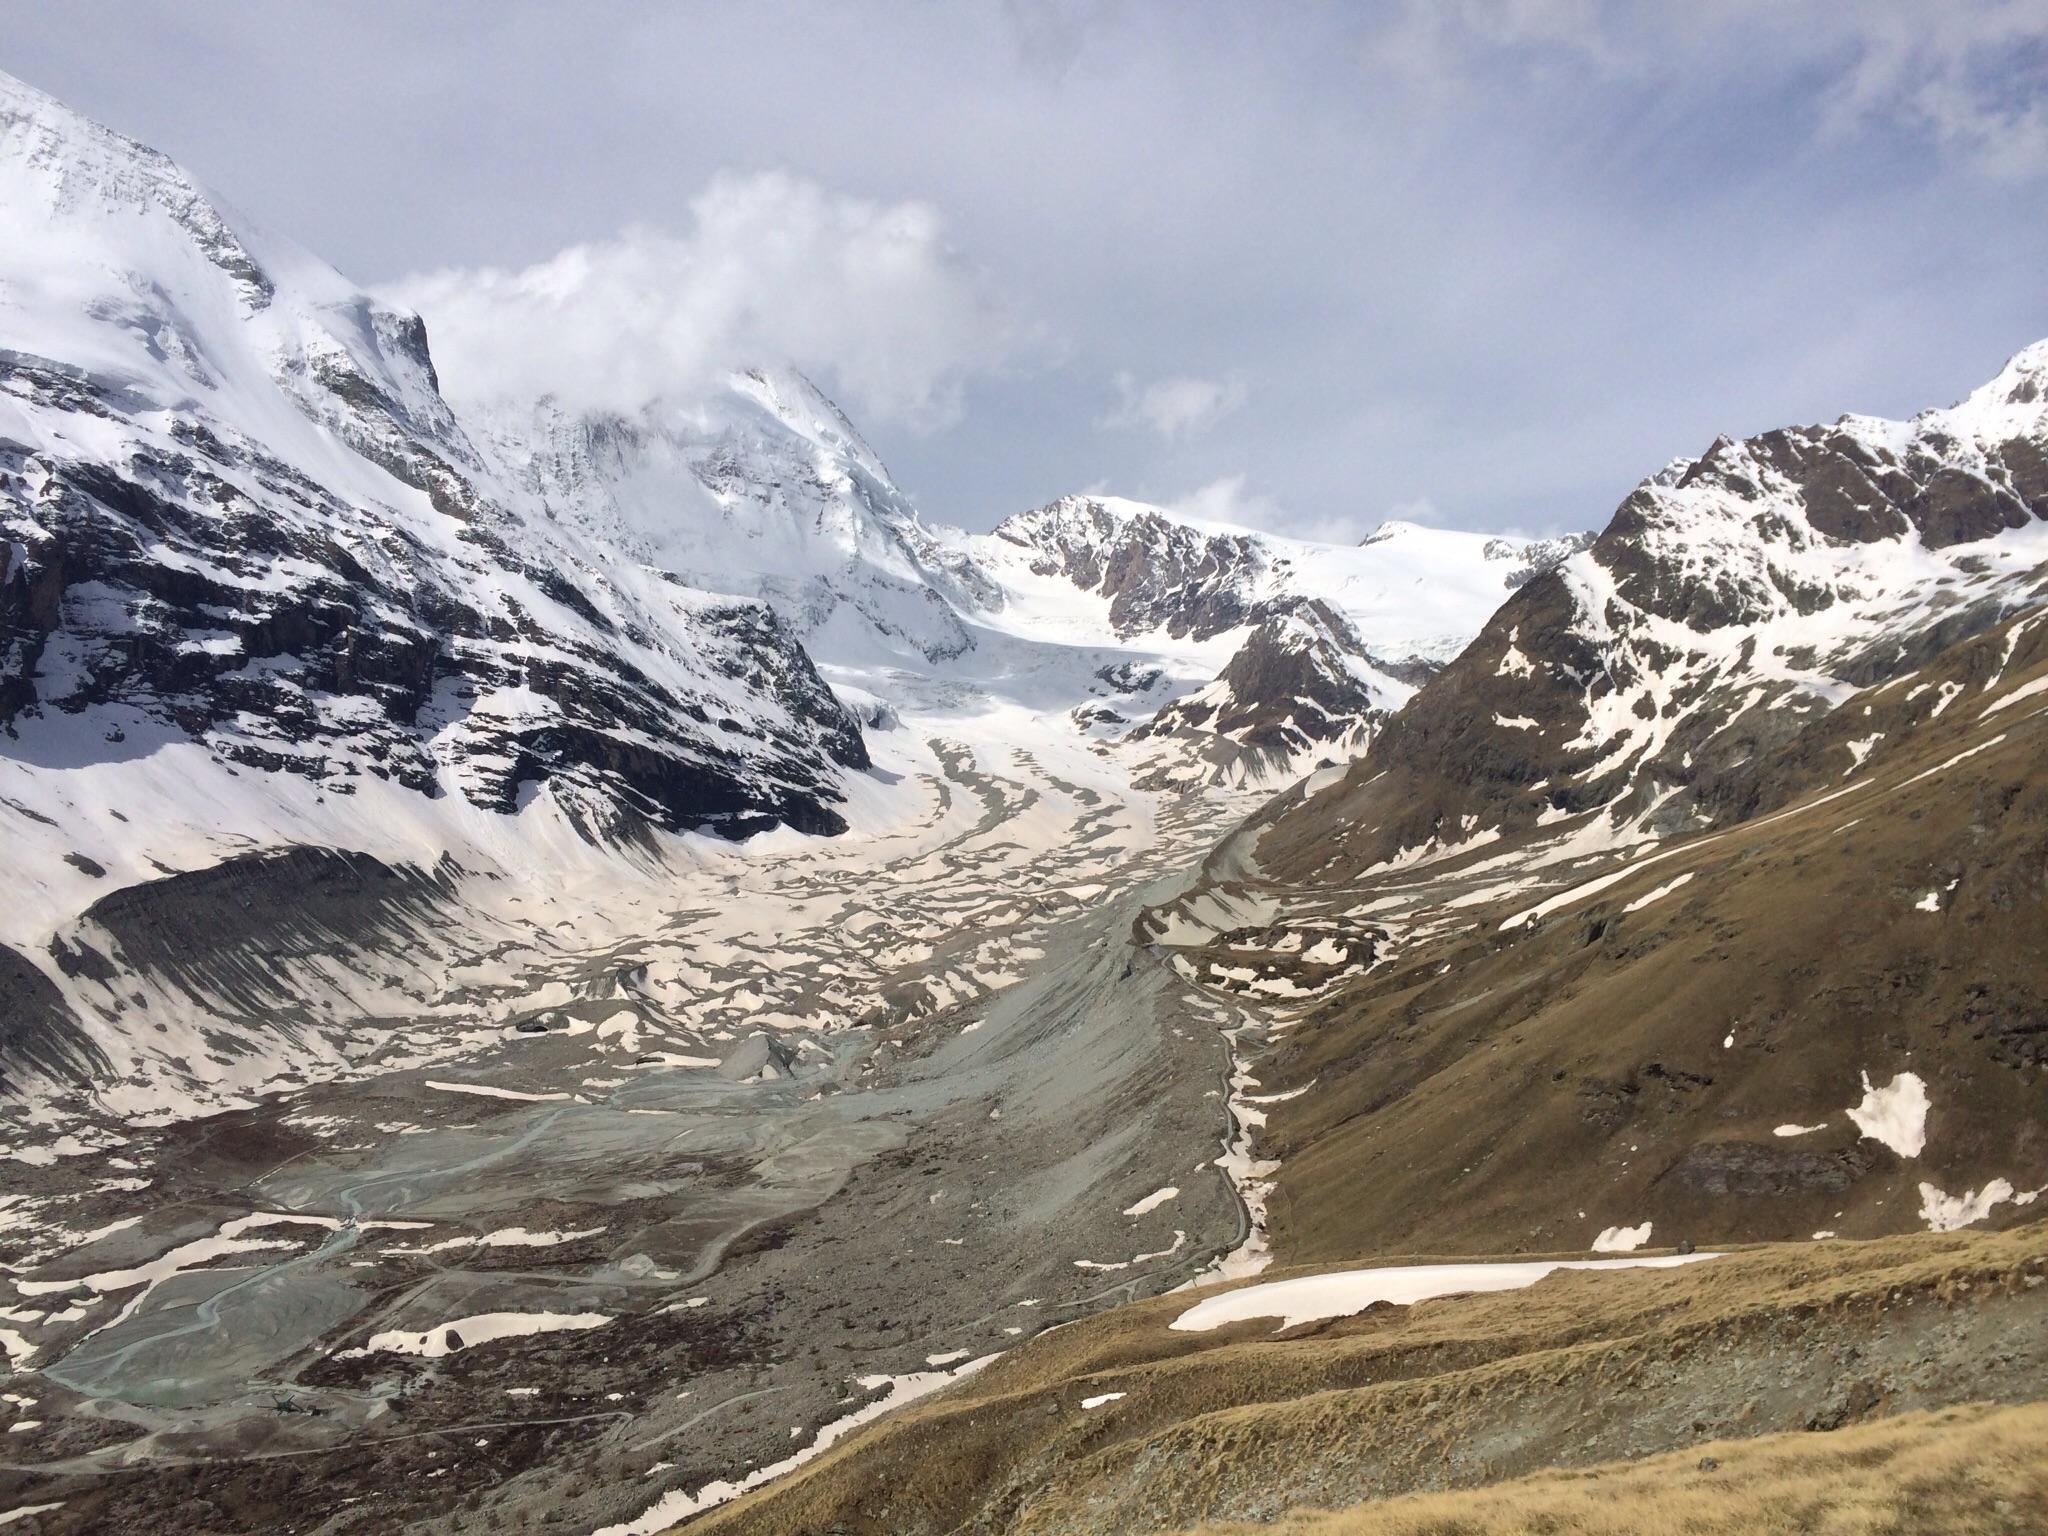 Der Blick zum Schönbielgletscher, der Abstieg ist jetzt aper